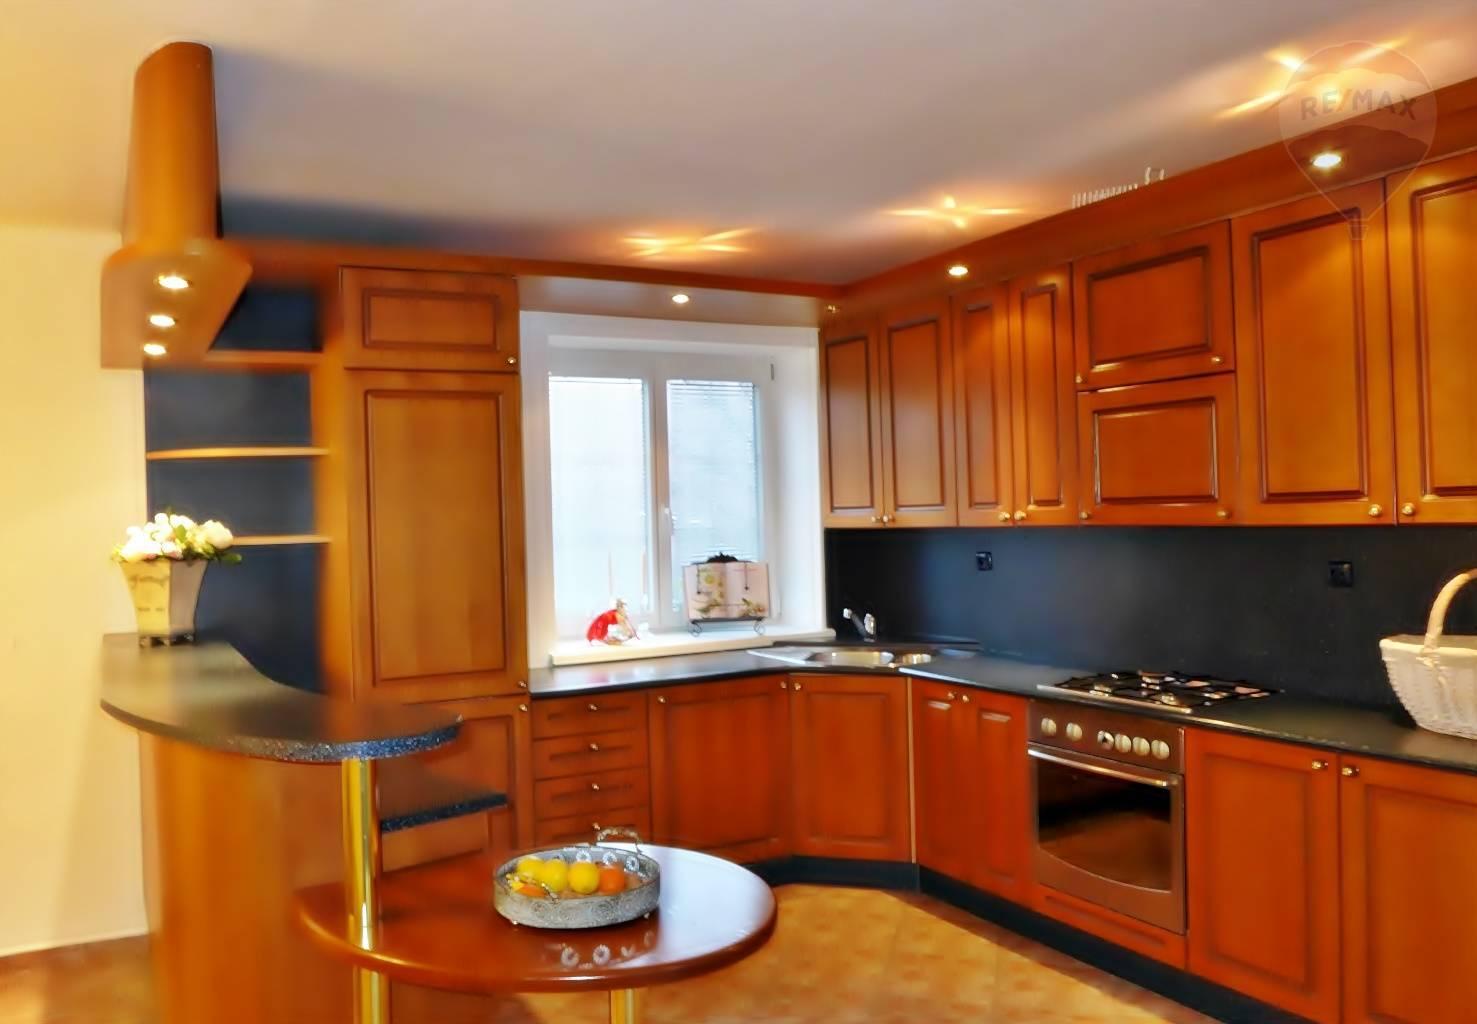 Predaj bytu (4 izbový) 167 m2, Prievidza - 6 izbový byt, 167 m2 - mezonetový , ul. Sama Chalúpku Prievidza Staré sídlisko